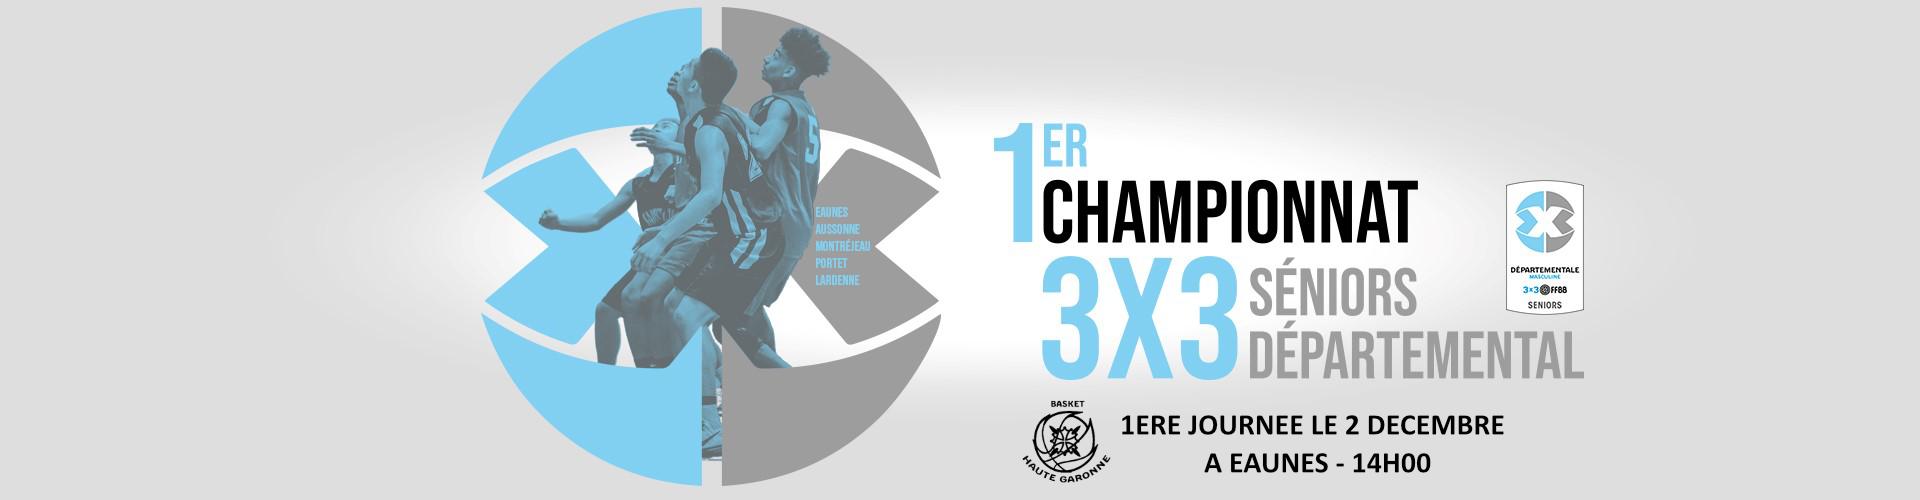 SLIDER-3X3-CHAMPIONNAT